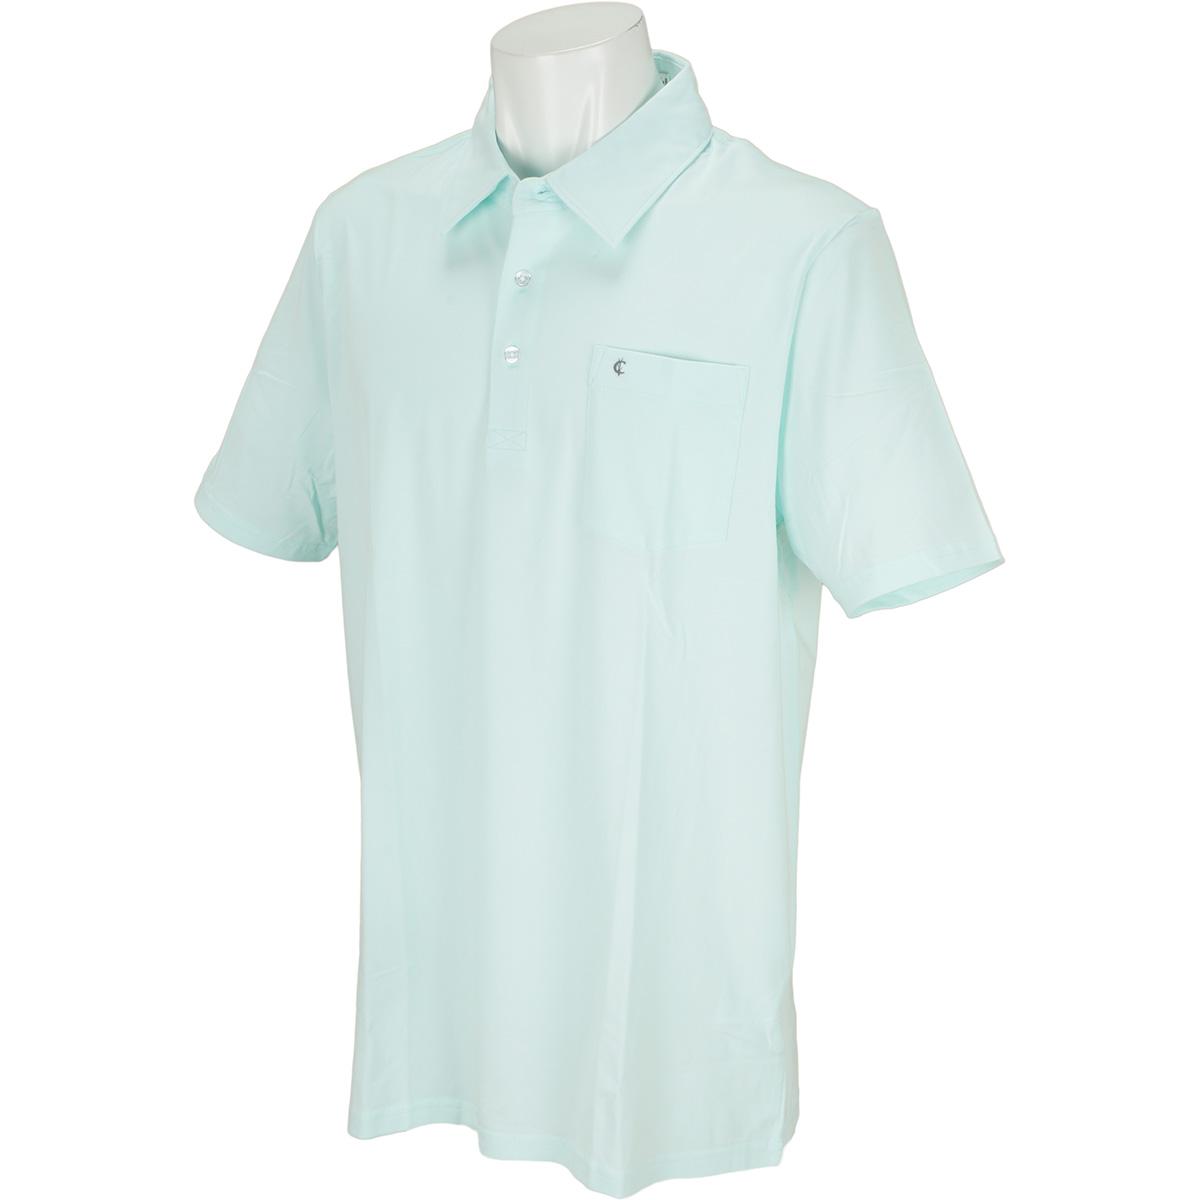 ピーマストレッチレンジ 半袖ポロシャツ